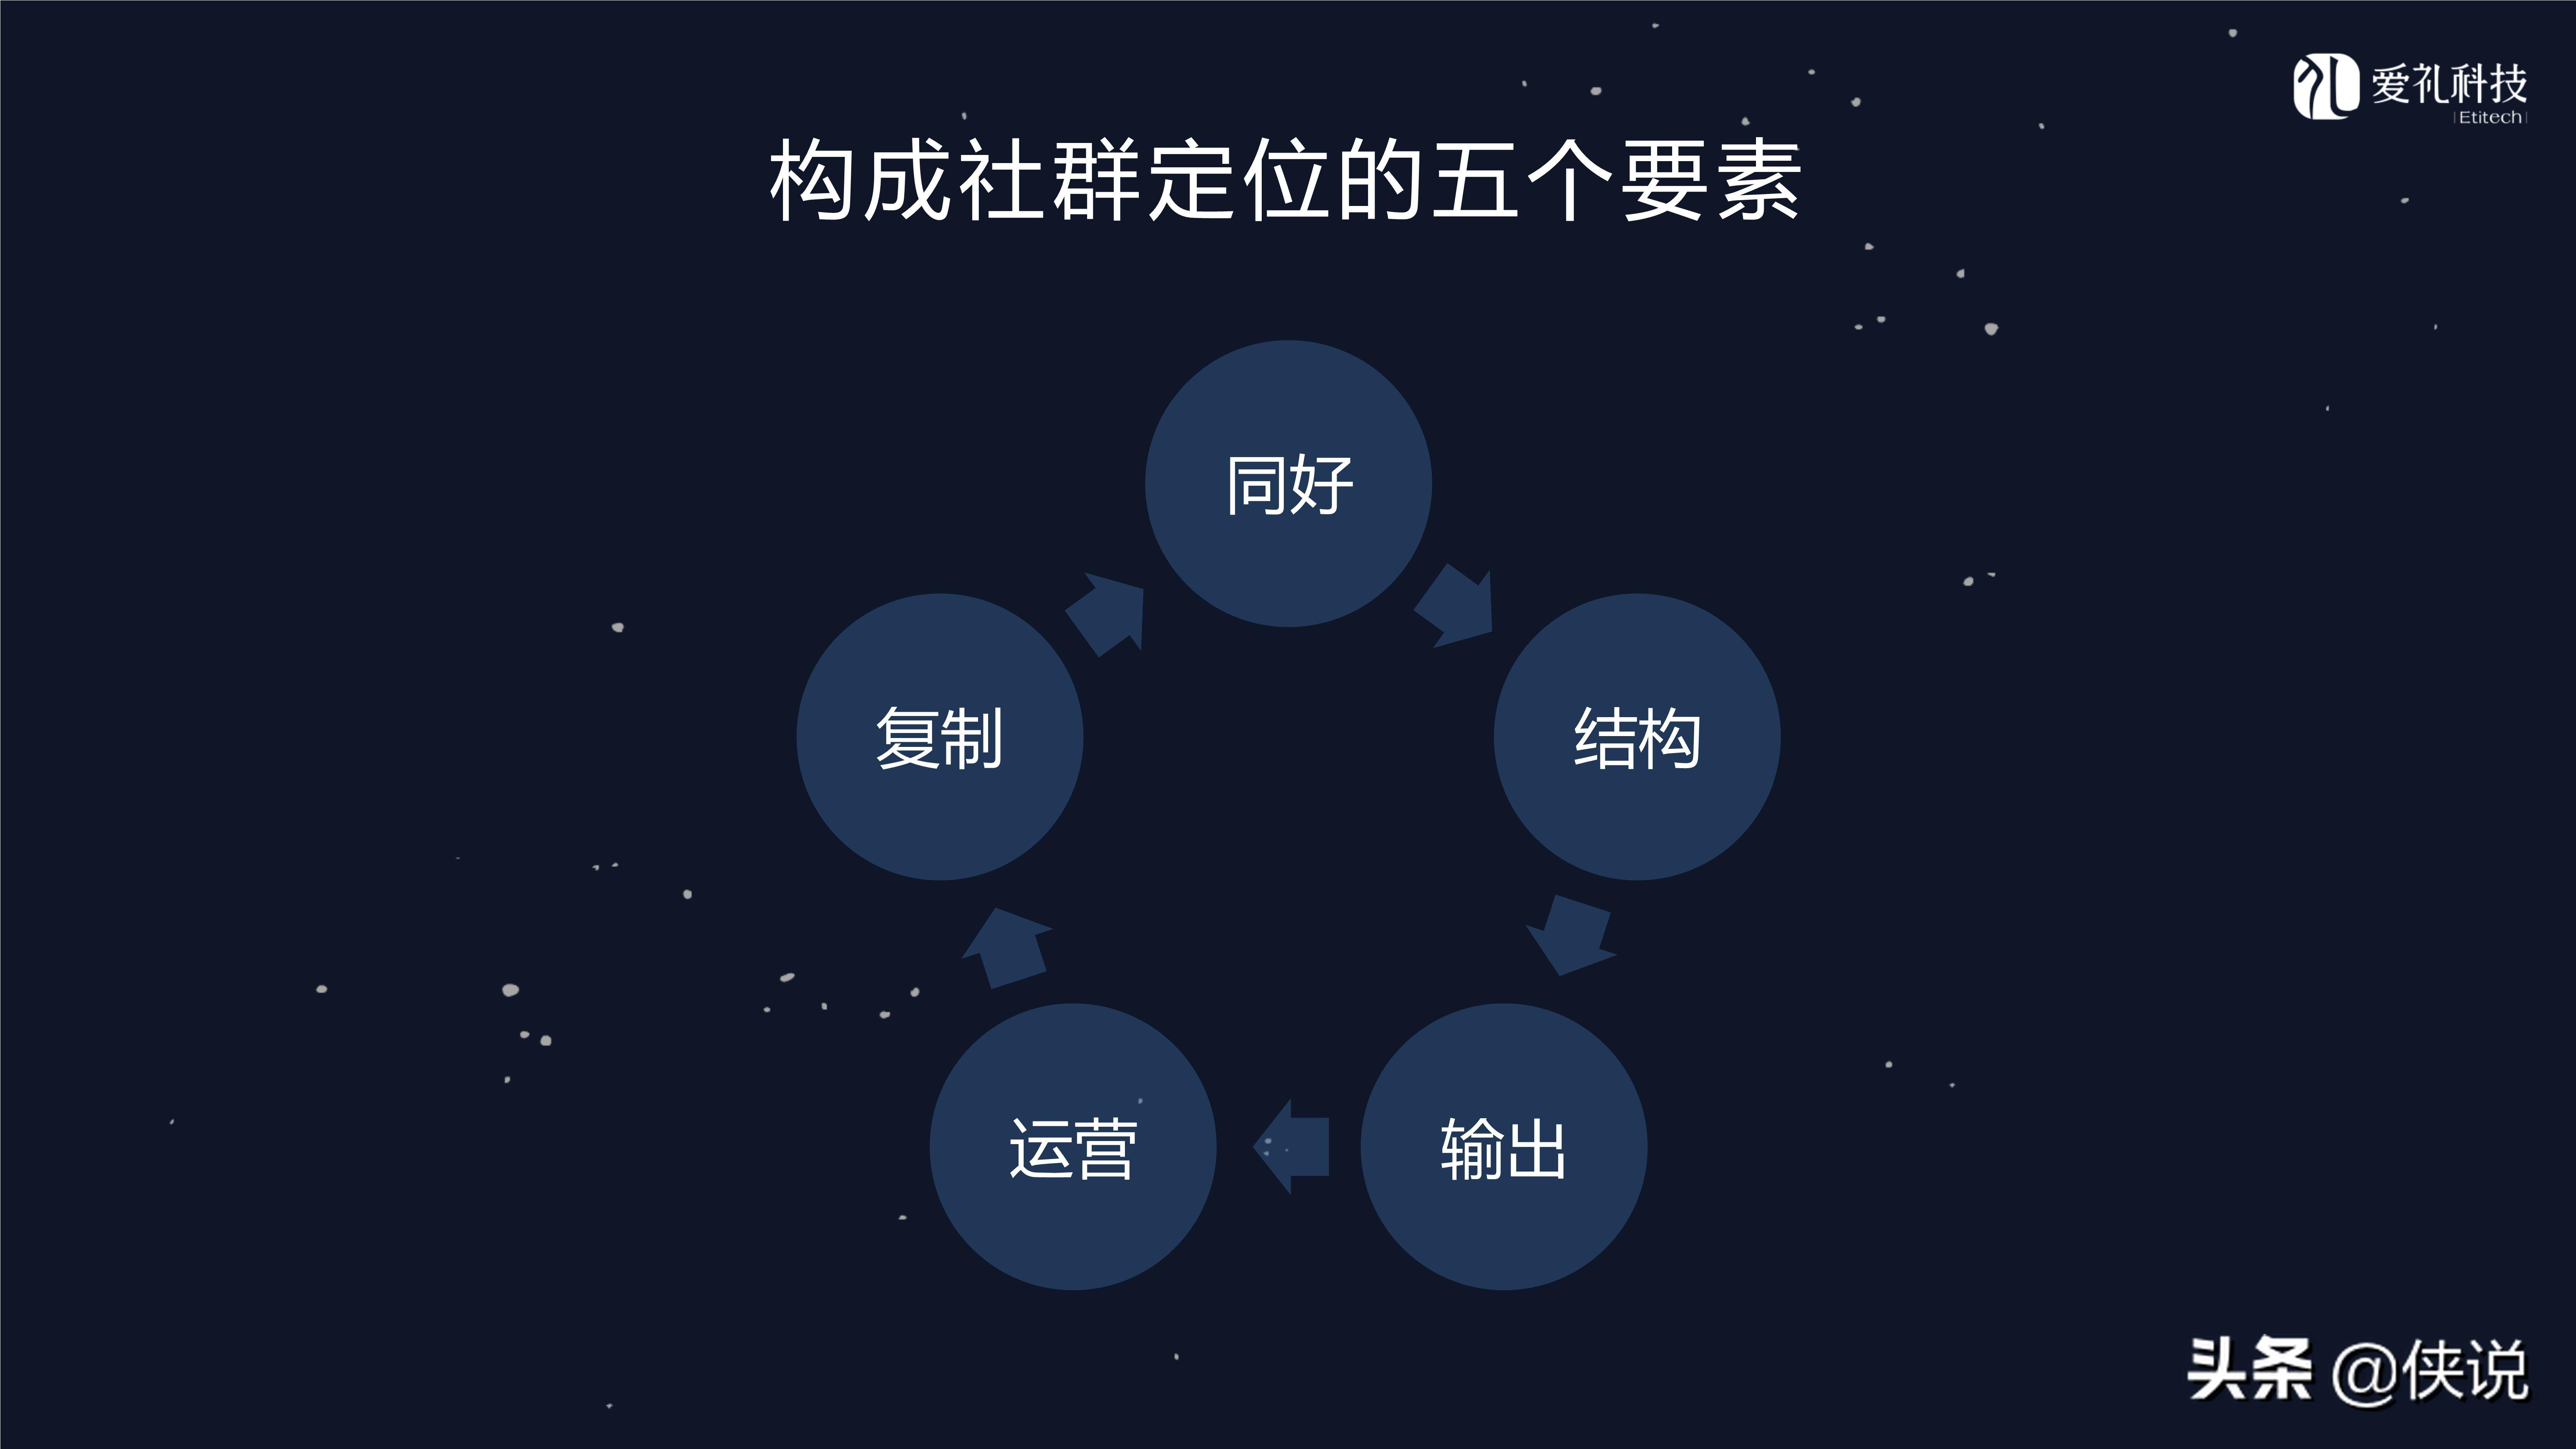 社群运营:微信社群营销方案和技巧